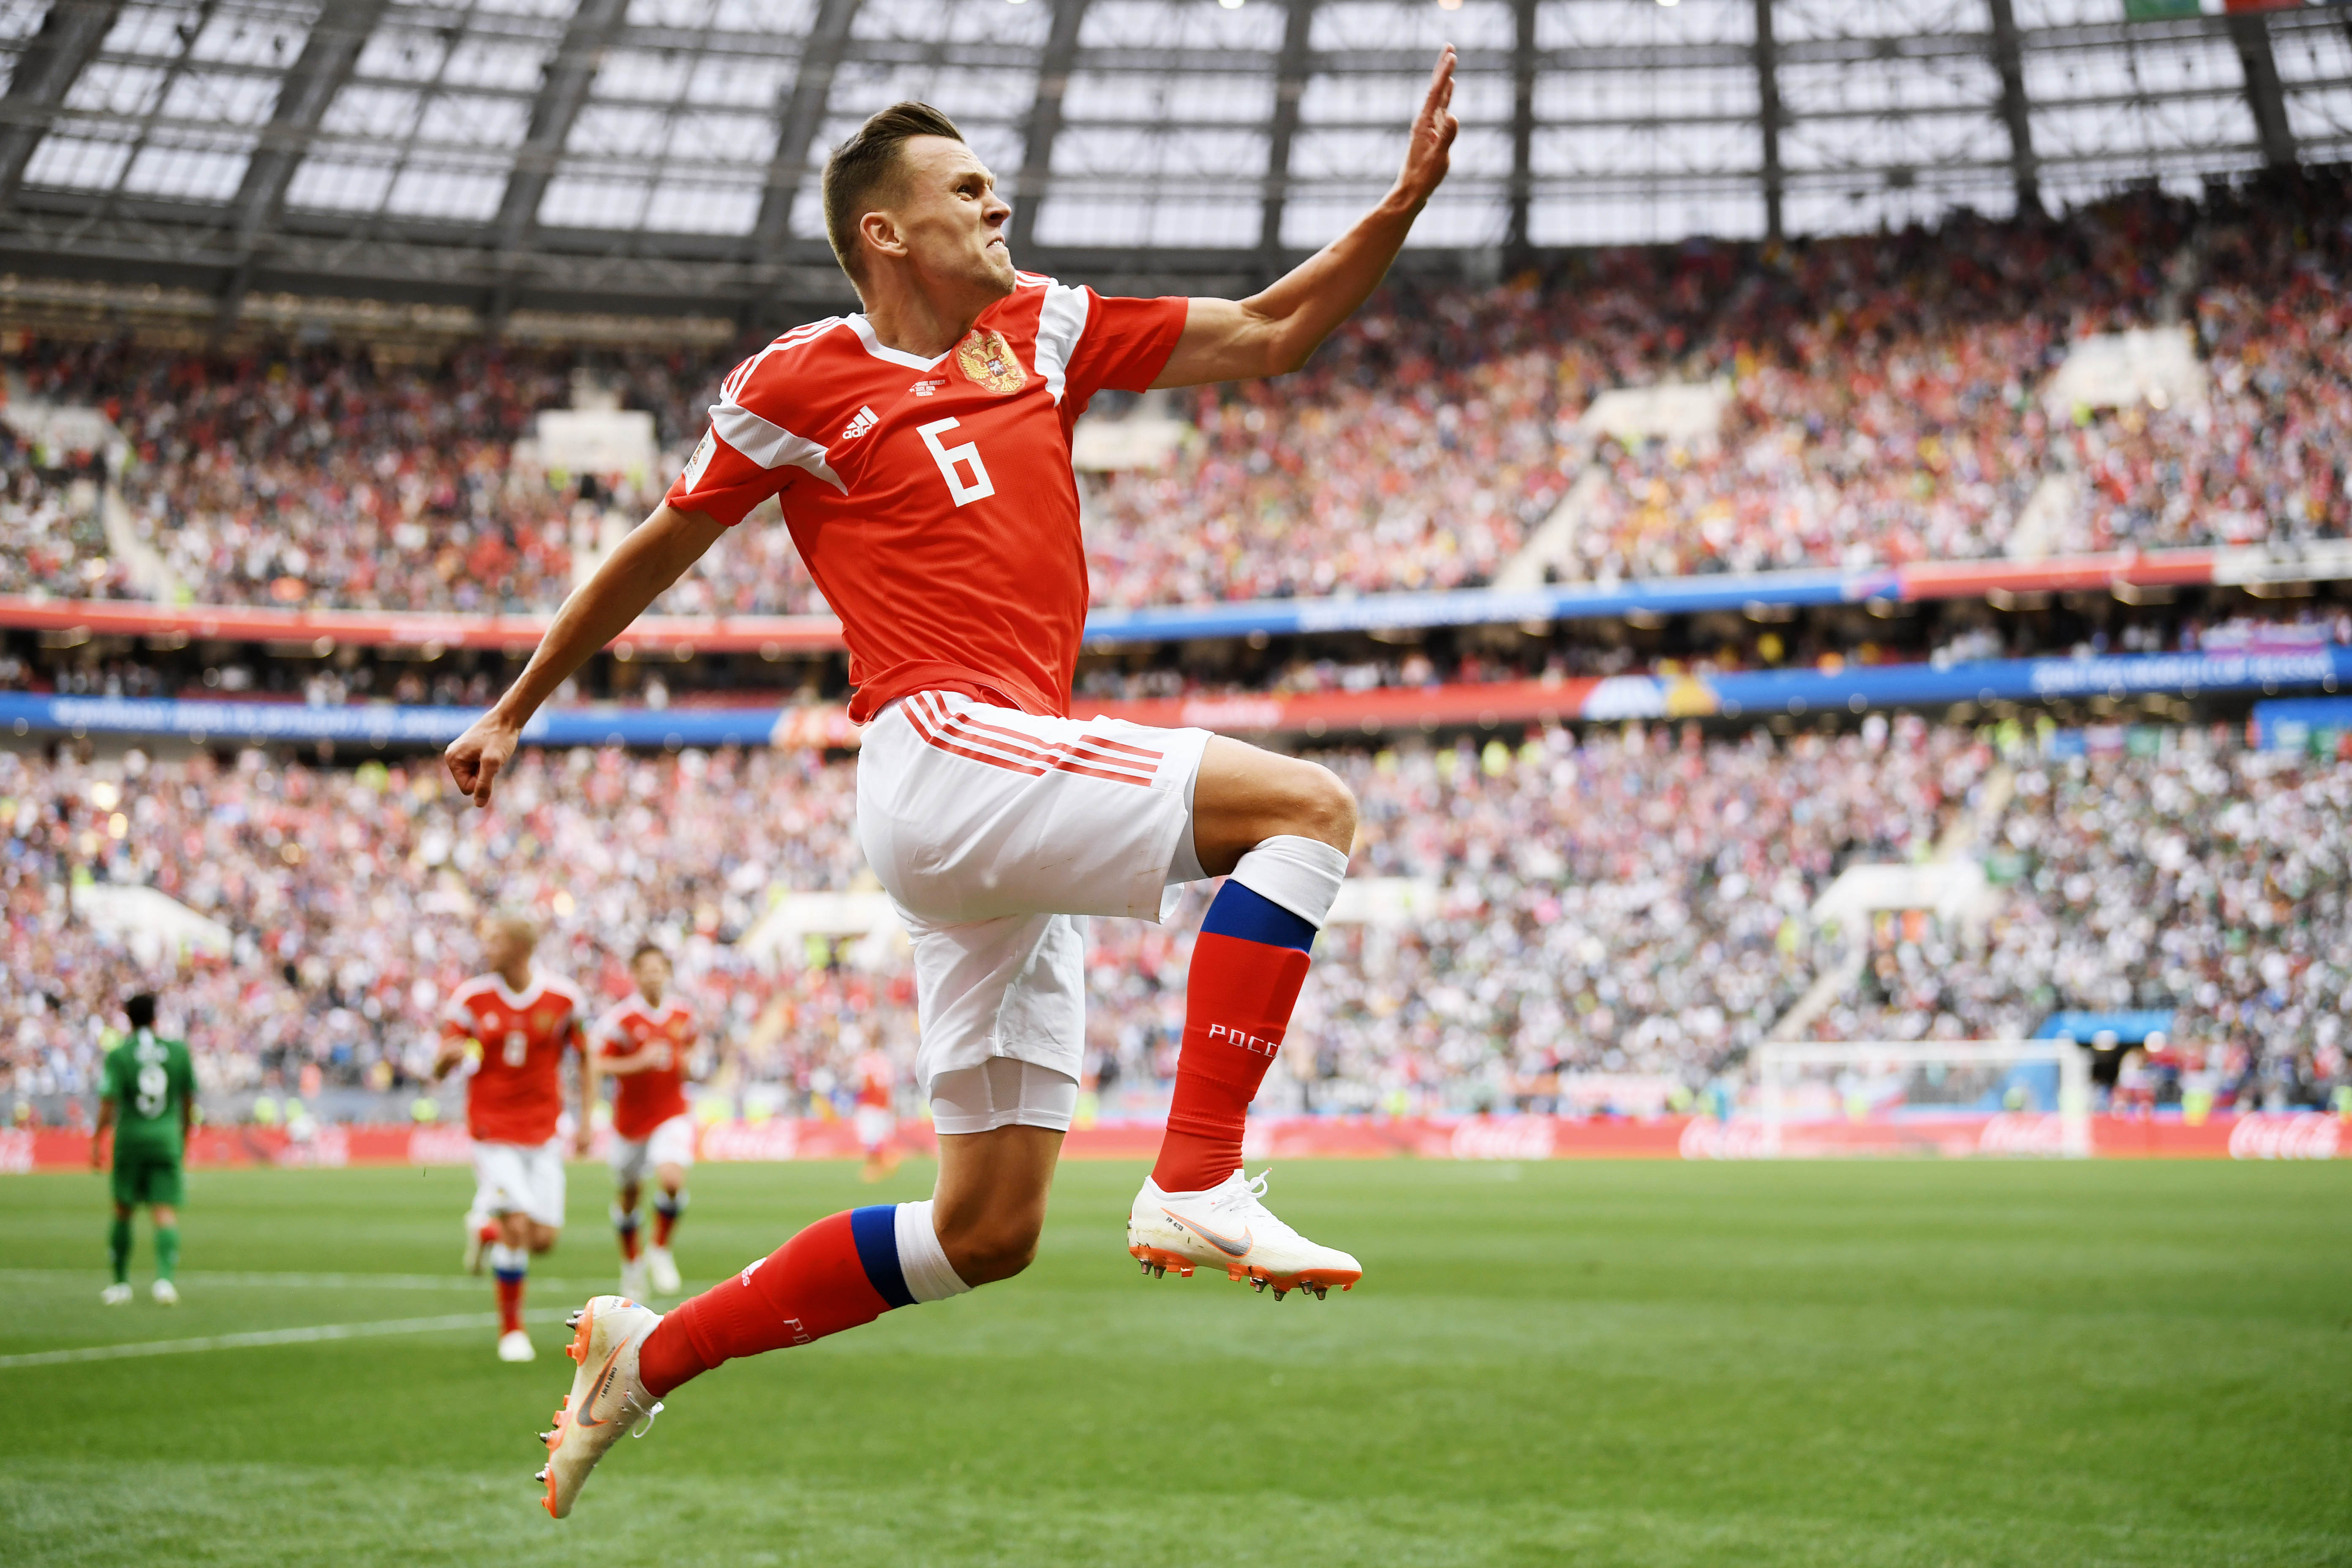 Денис Черышев отмечает свой второй гол вворота Саудовской Аравии. Встреча закончилась победой россиян со счетом 5:0.